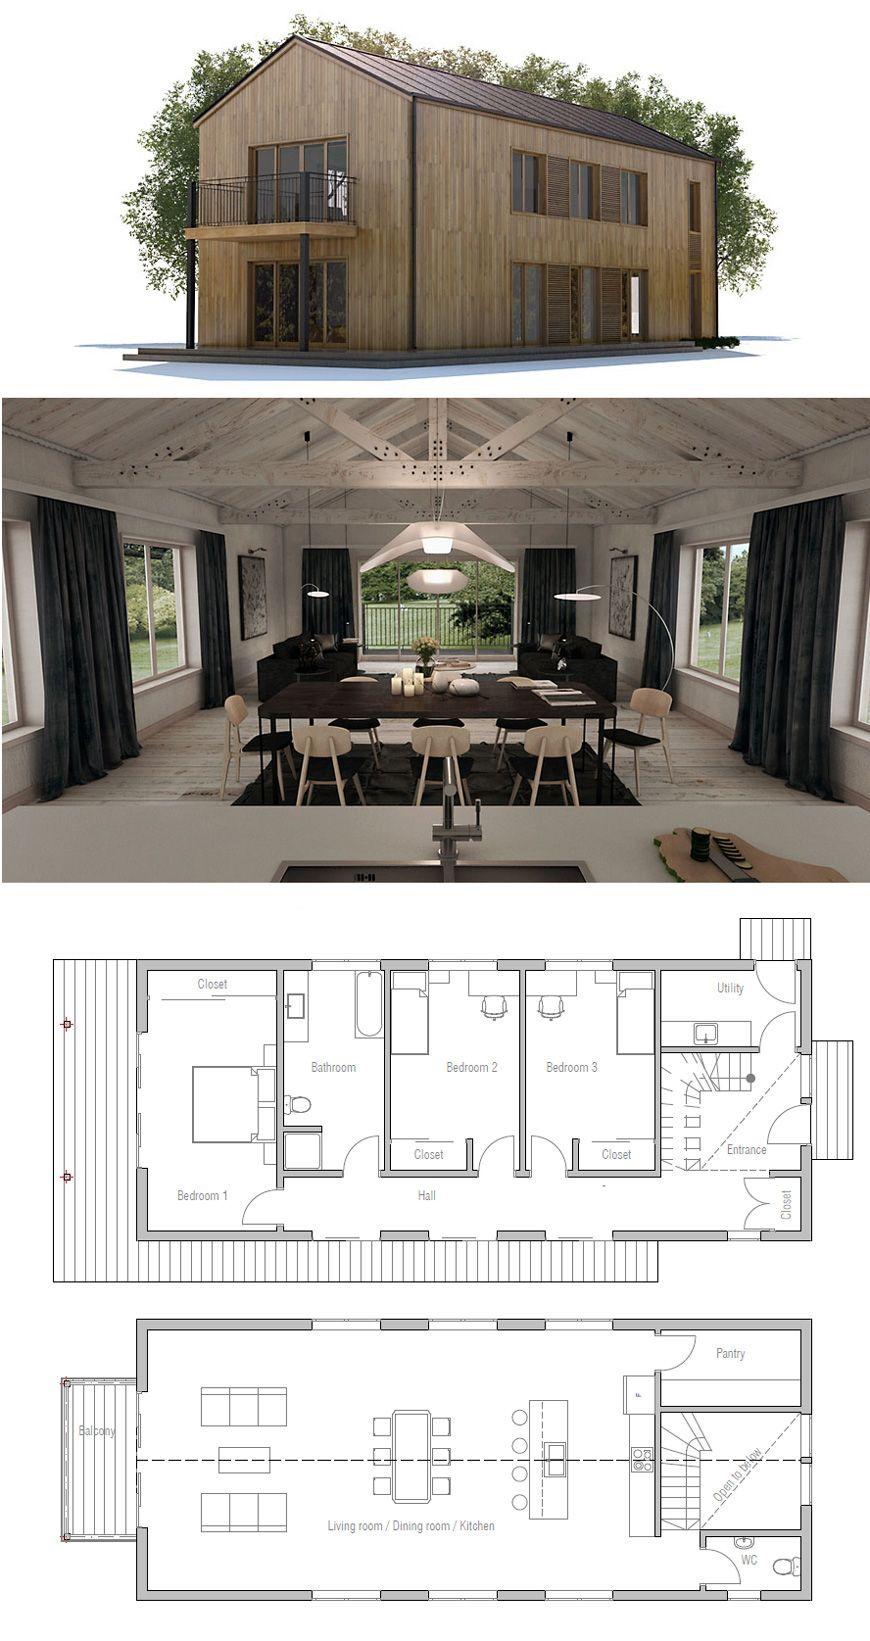 Plan de Maison   Architektur   Haus pläne, Haus bauen und Hauspläne